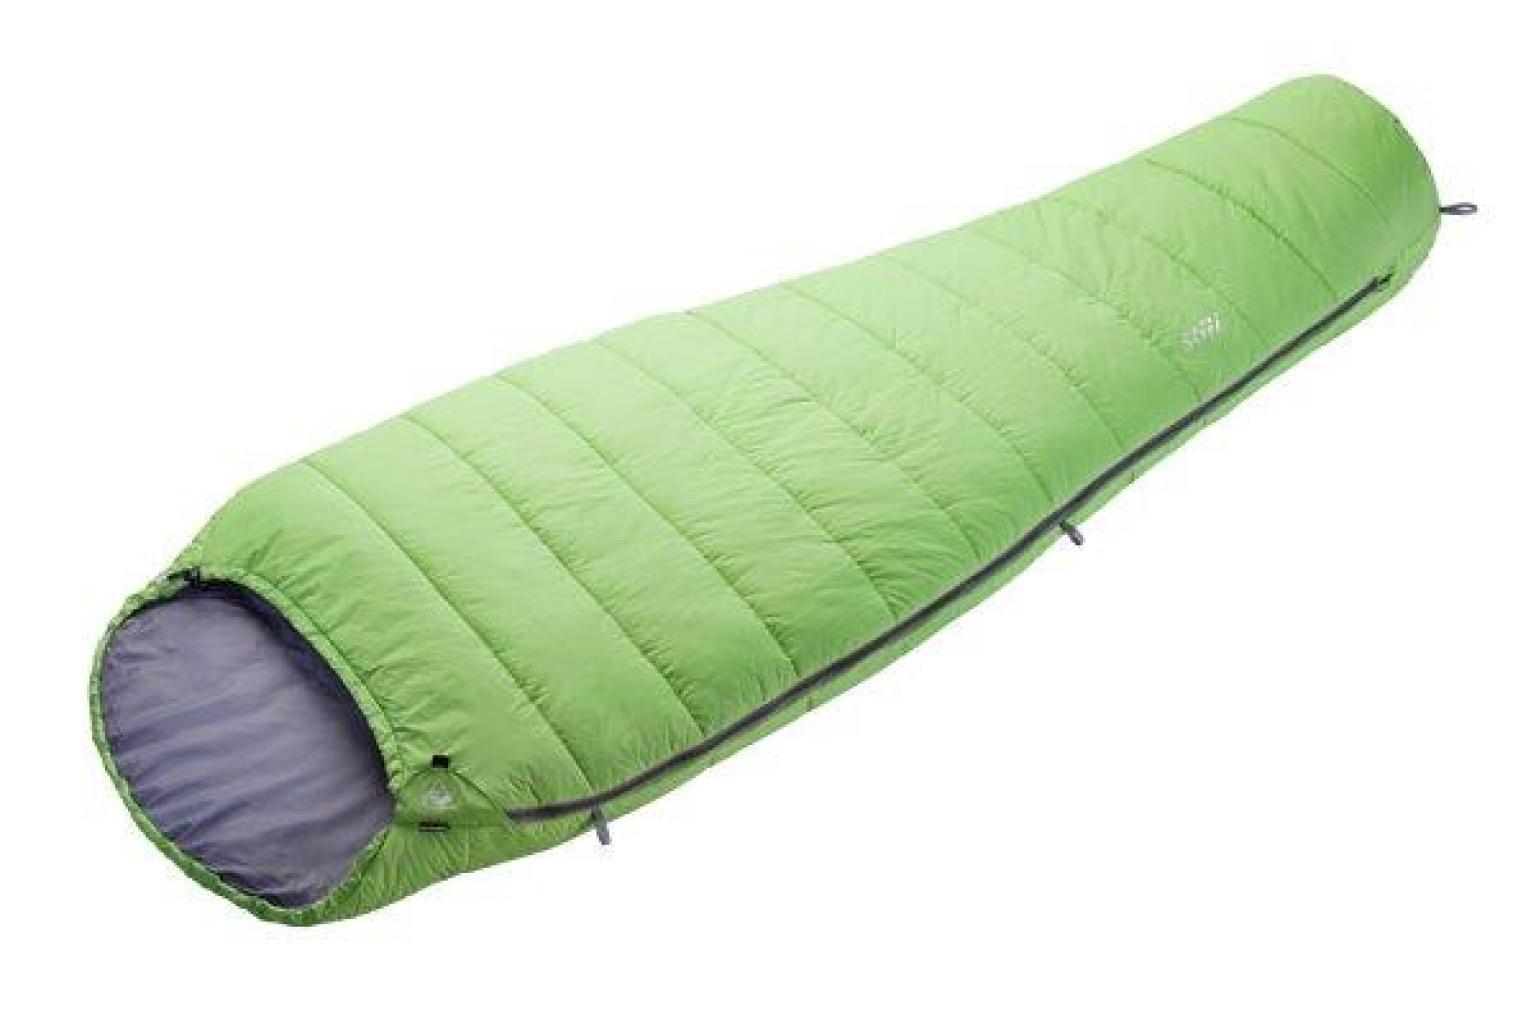 Спальный мешок BASK STILL M 5960Спальные мешки<br>Легкий однослойный спальный мешок-кокон с утеплителем Thermolite®. Отличный вариант для летнего отдыха на природе, каякинга и велопоходов. Испытан по стандарту EN 13537<br><br>Верхняя ткань: Nylon 30D Diamond Rip stop<br>Вес без упаковки: 980<br>Внутренняя ткань: Pongee®<br>Количество слоев утеплителя: 1<br>Назначение: Туристический<br>Наличие карманов: Нет<br>Наполнитель: Thermolite®<br>Нижняя температура комфорта °C: 5<br>Подголовник/Капюшон: Да<br>Пол: Унисекс<br>Размер в упакованном виде (диаметр х длина): 18х40<br>Размеры наружные (внутренние): 220х190х78х50<br>Система расположения слоев утеплителя или пуховых пакетов: Продольная<br>Температура комфорта °C: 10<br>Тесьма вдоль планки: Да<br>Тип молнии: Разъемная<br>Тип утеплителя: Синтетический<br>Утеплитель: Thermolite®<br>Утепляющая планка: Да<br>Форма: Кокон<br>Шейный пакет: Нет<br>Экстремальная температура °C: -9